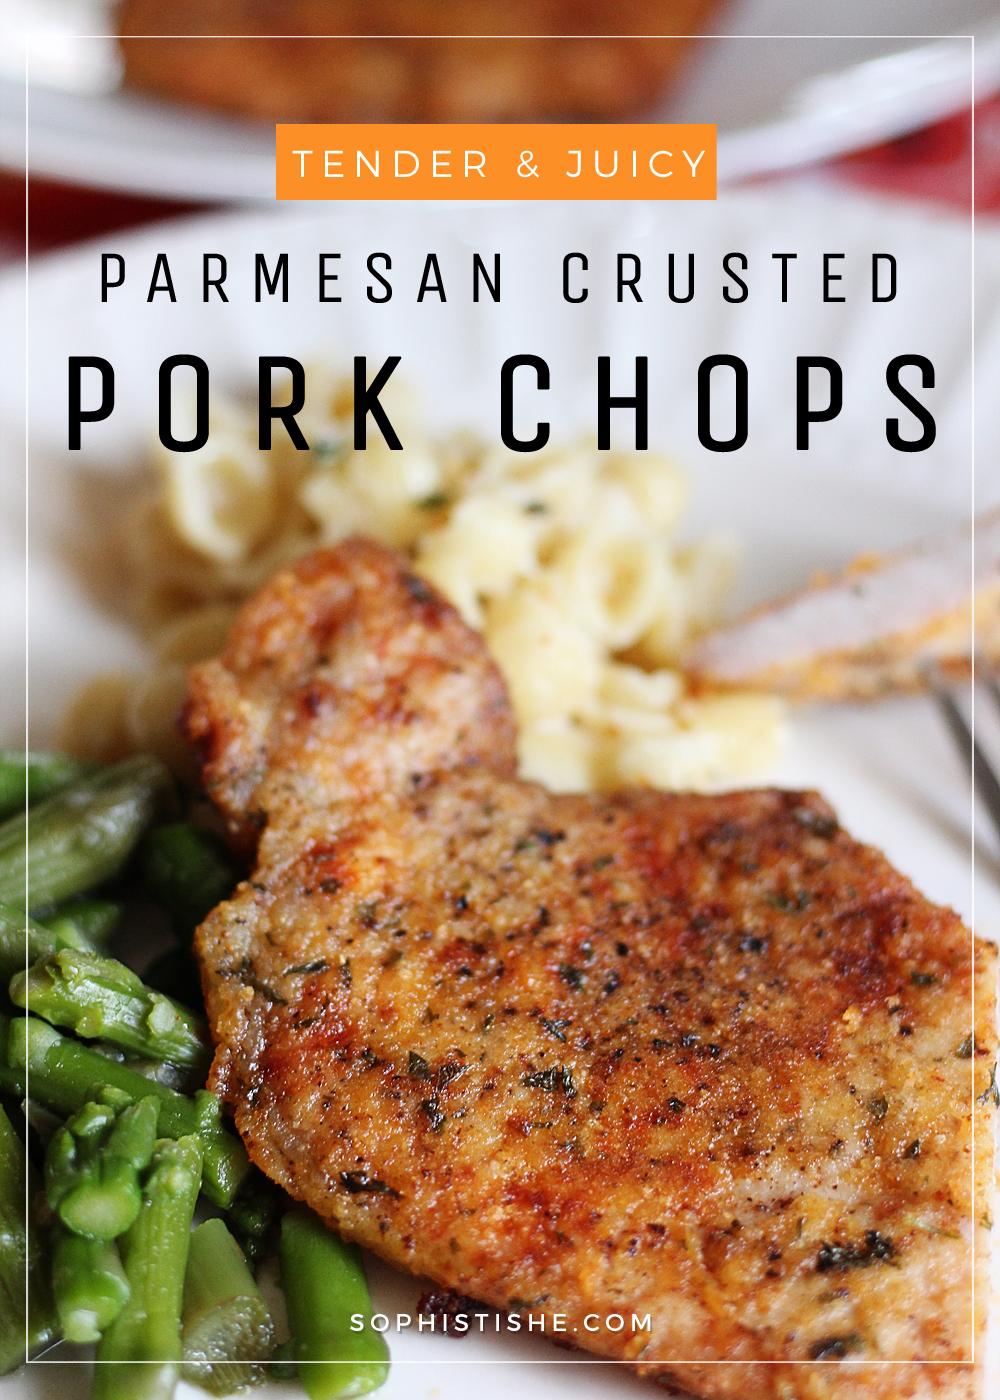 Tender & Juicy Parmesan Crusted Pork Chops